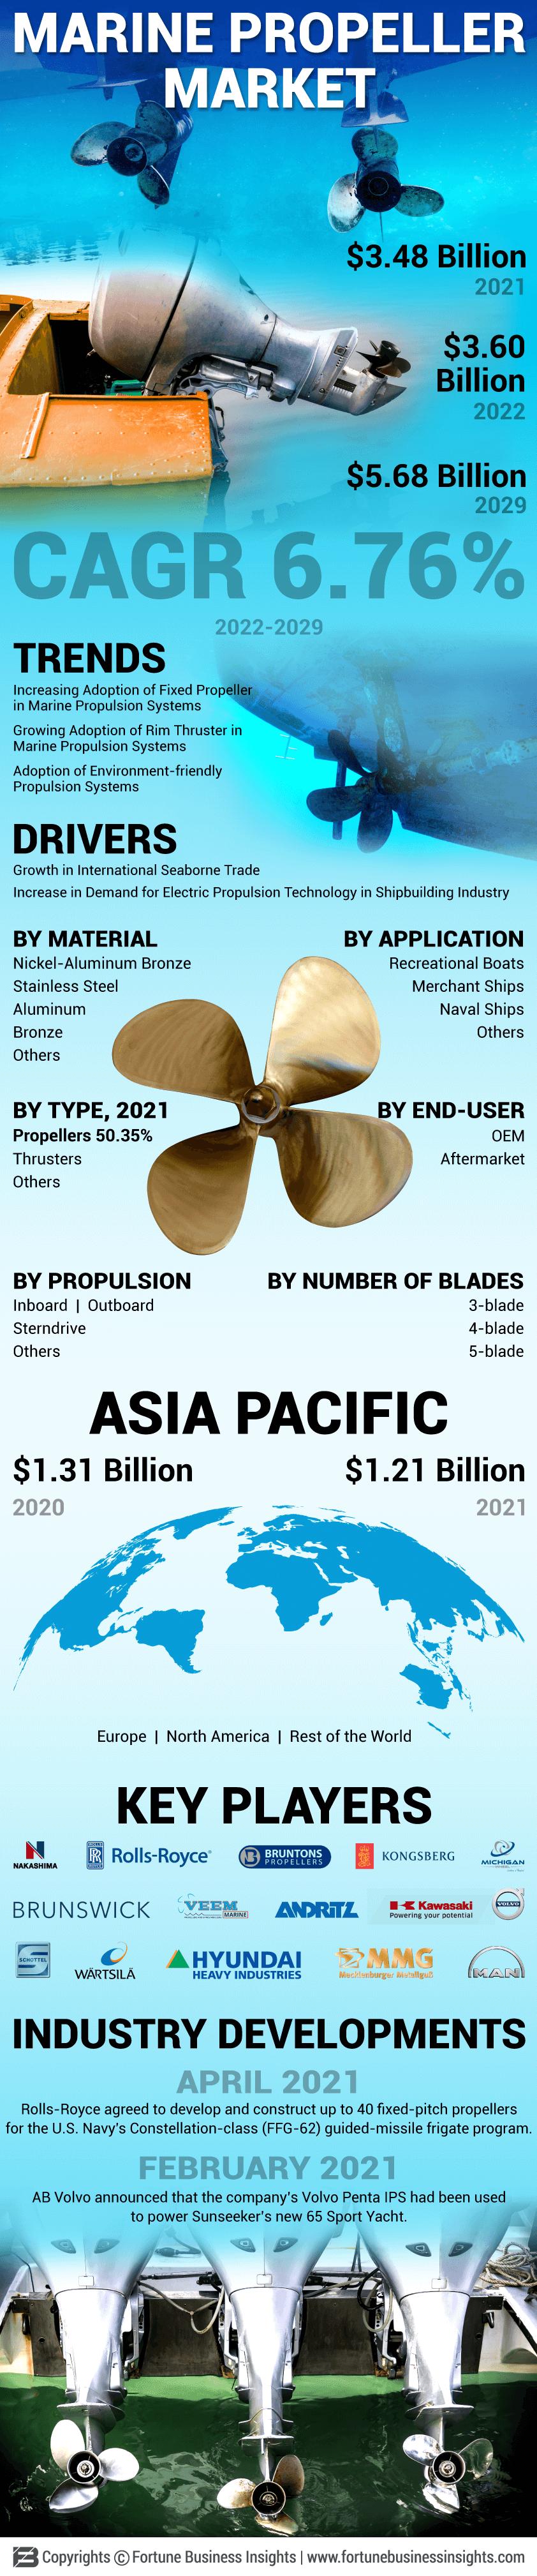 Marine Propeller Market